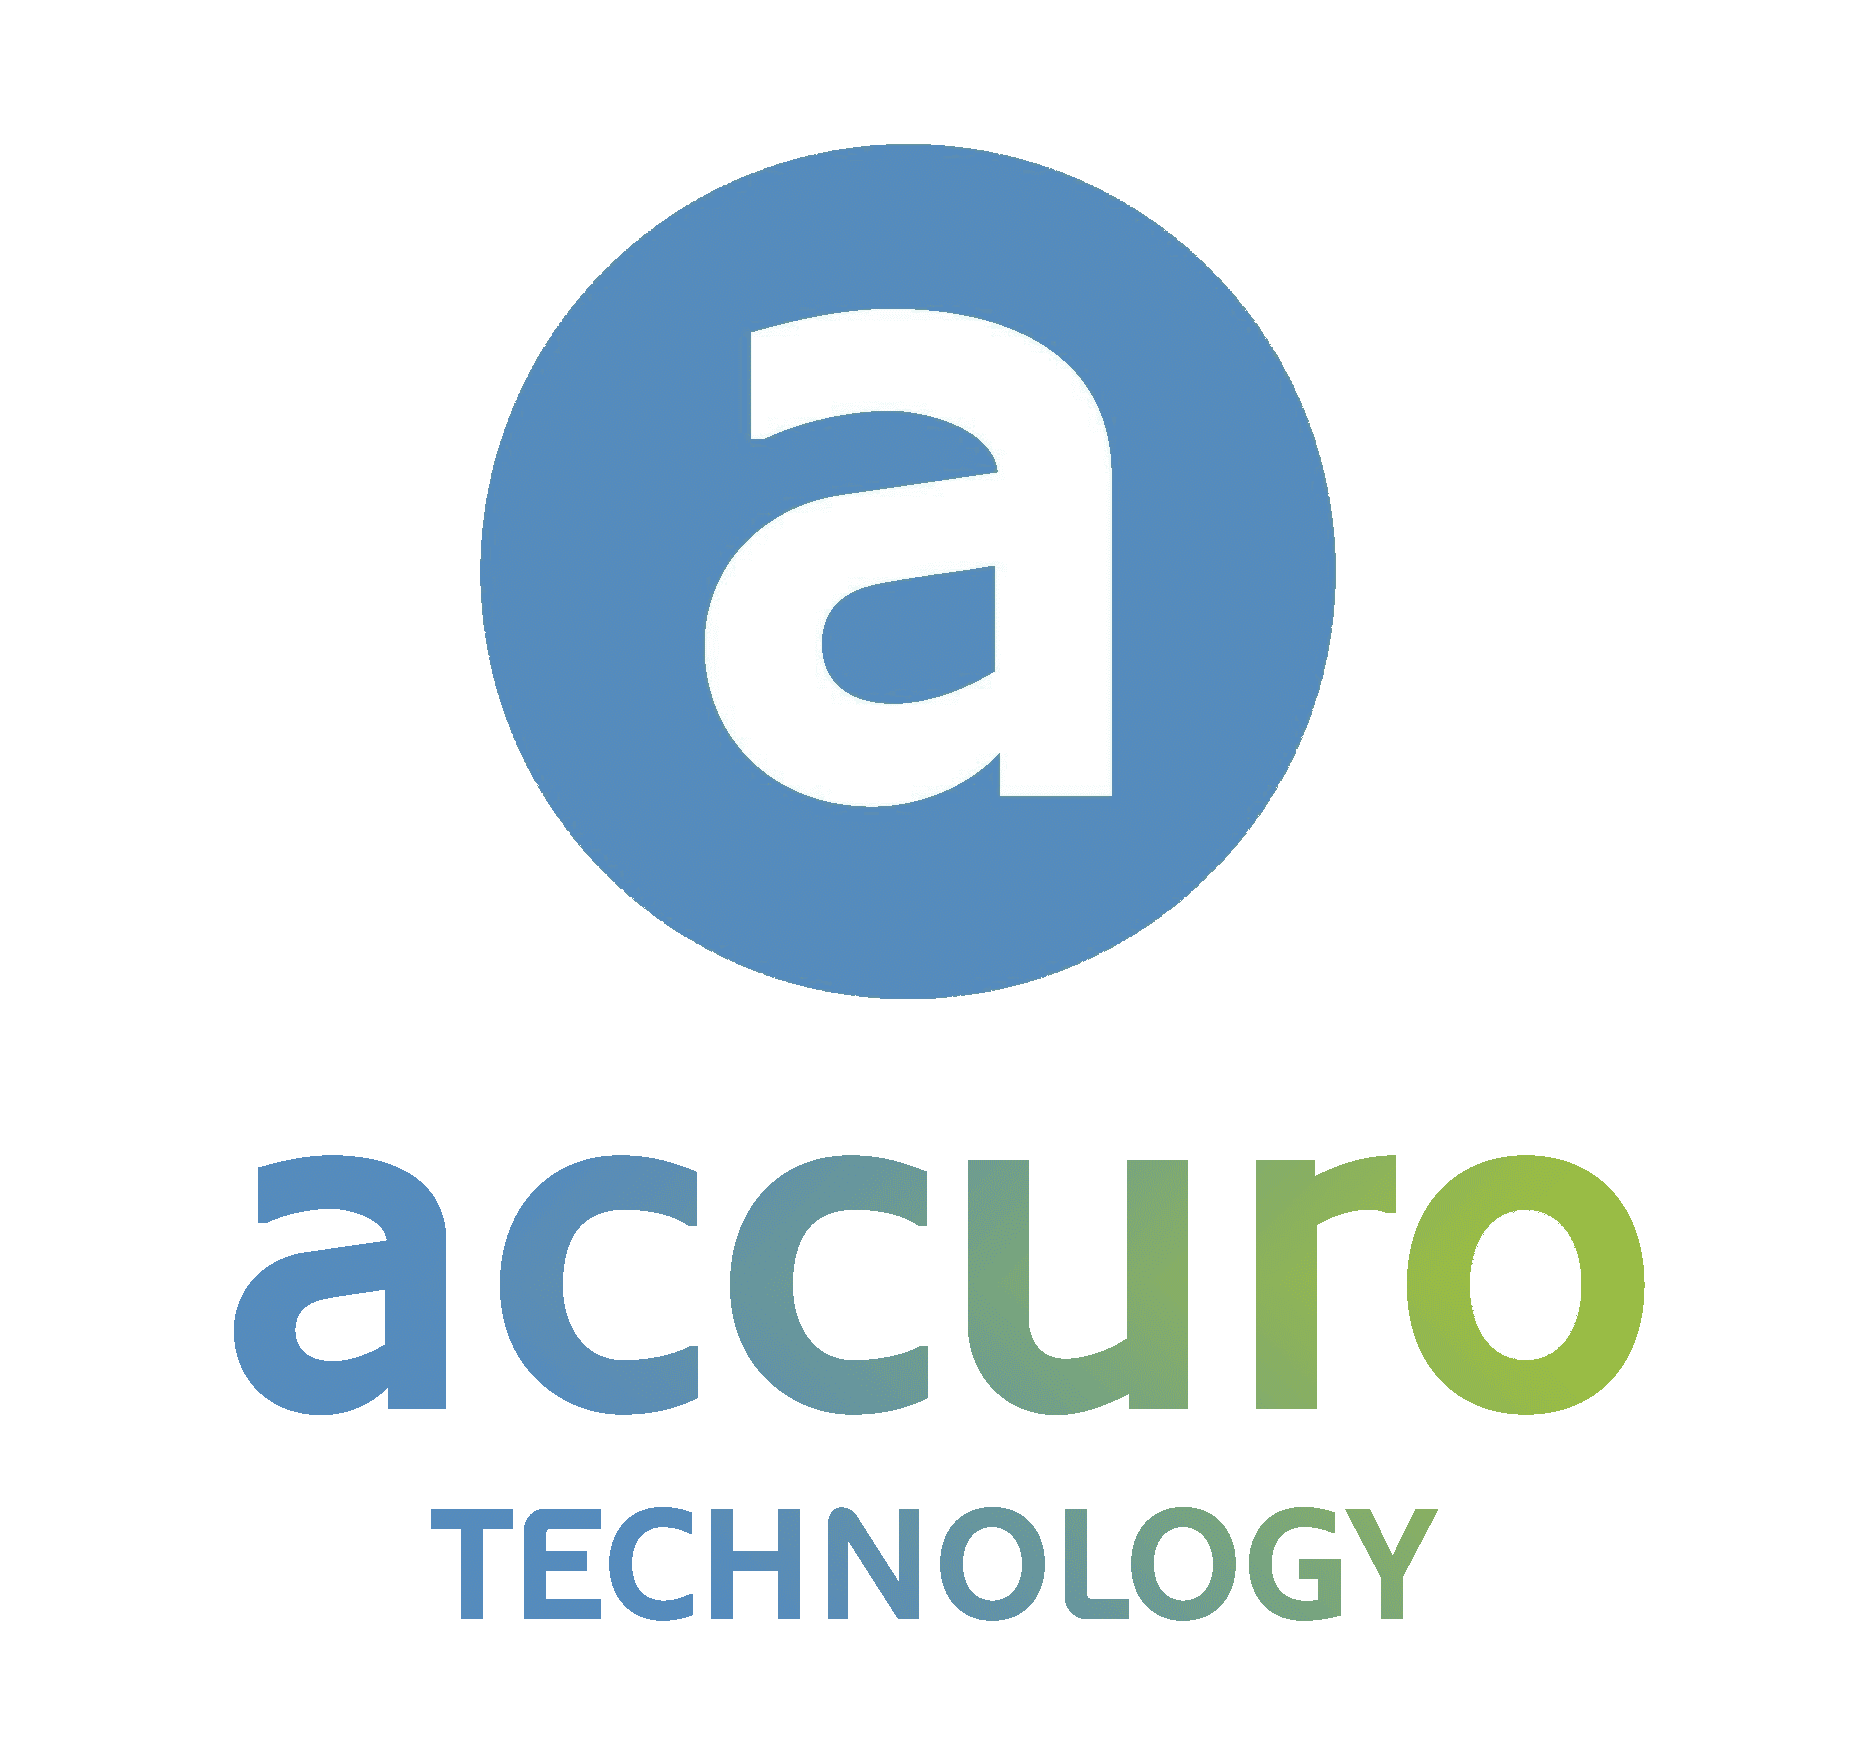 Logo Accuro